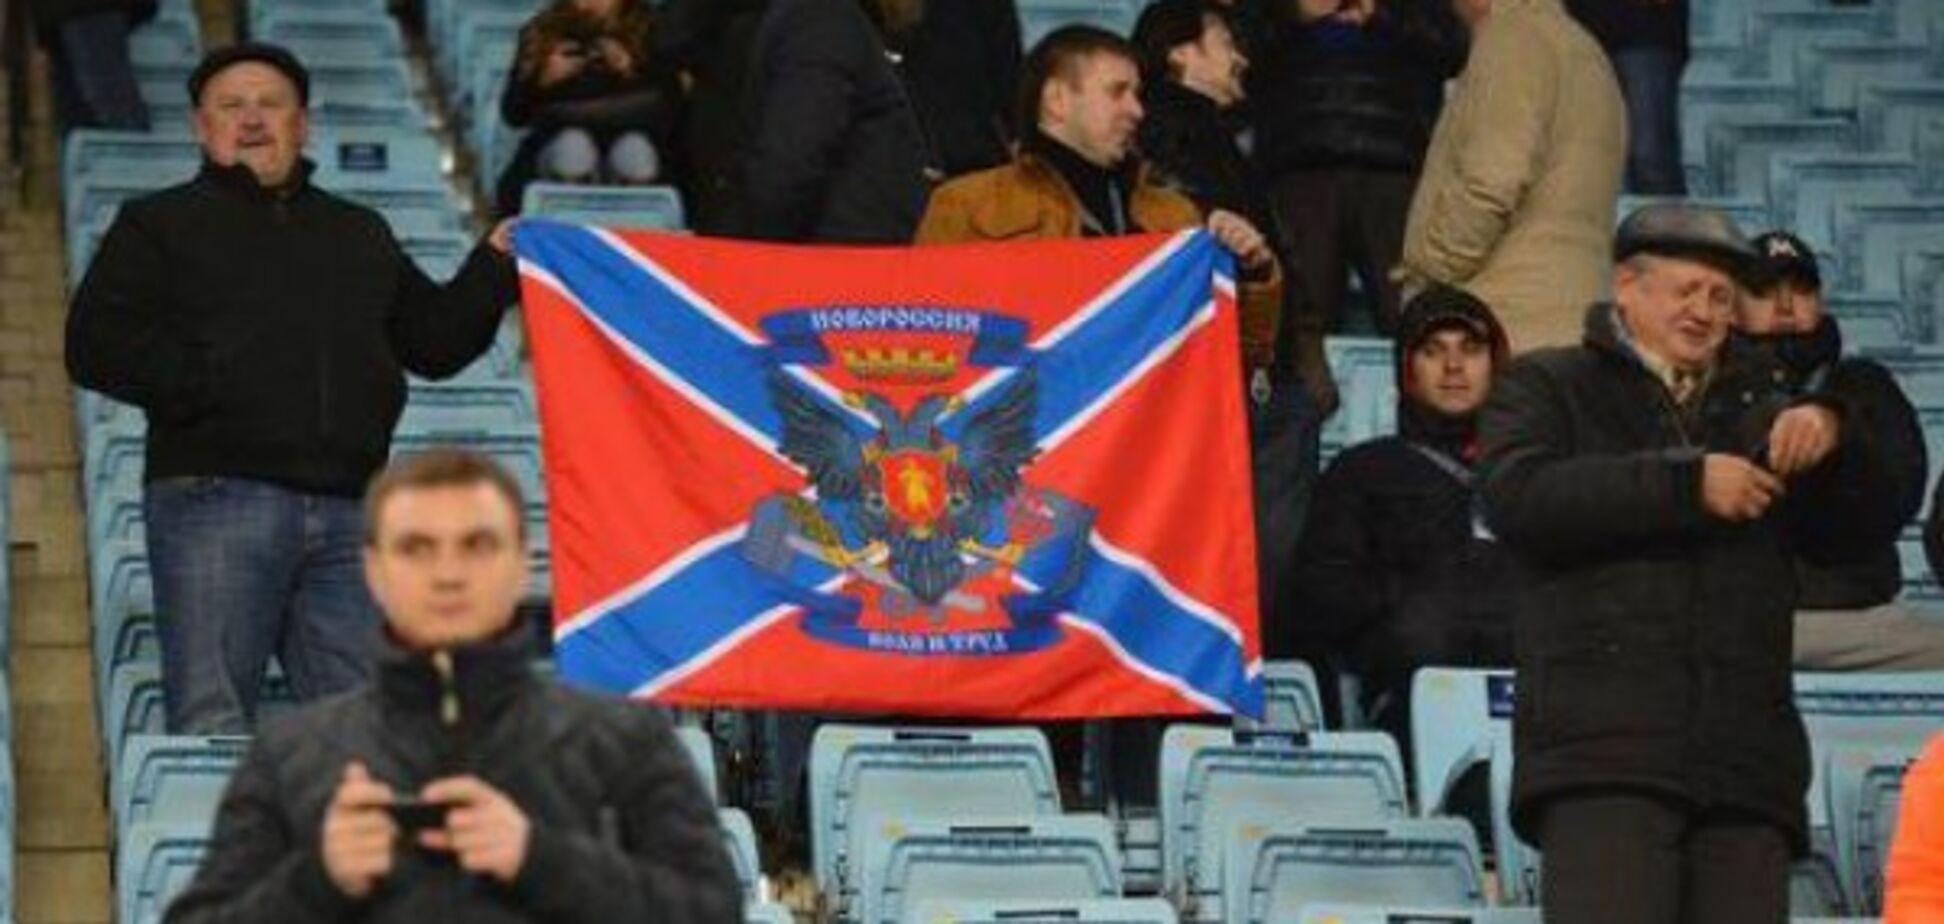 Футболисты-сепаратисты: Украине предложили решение проблемы